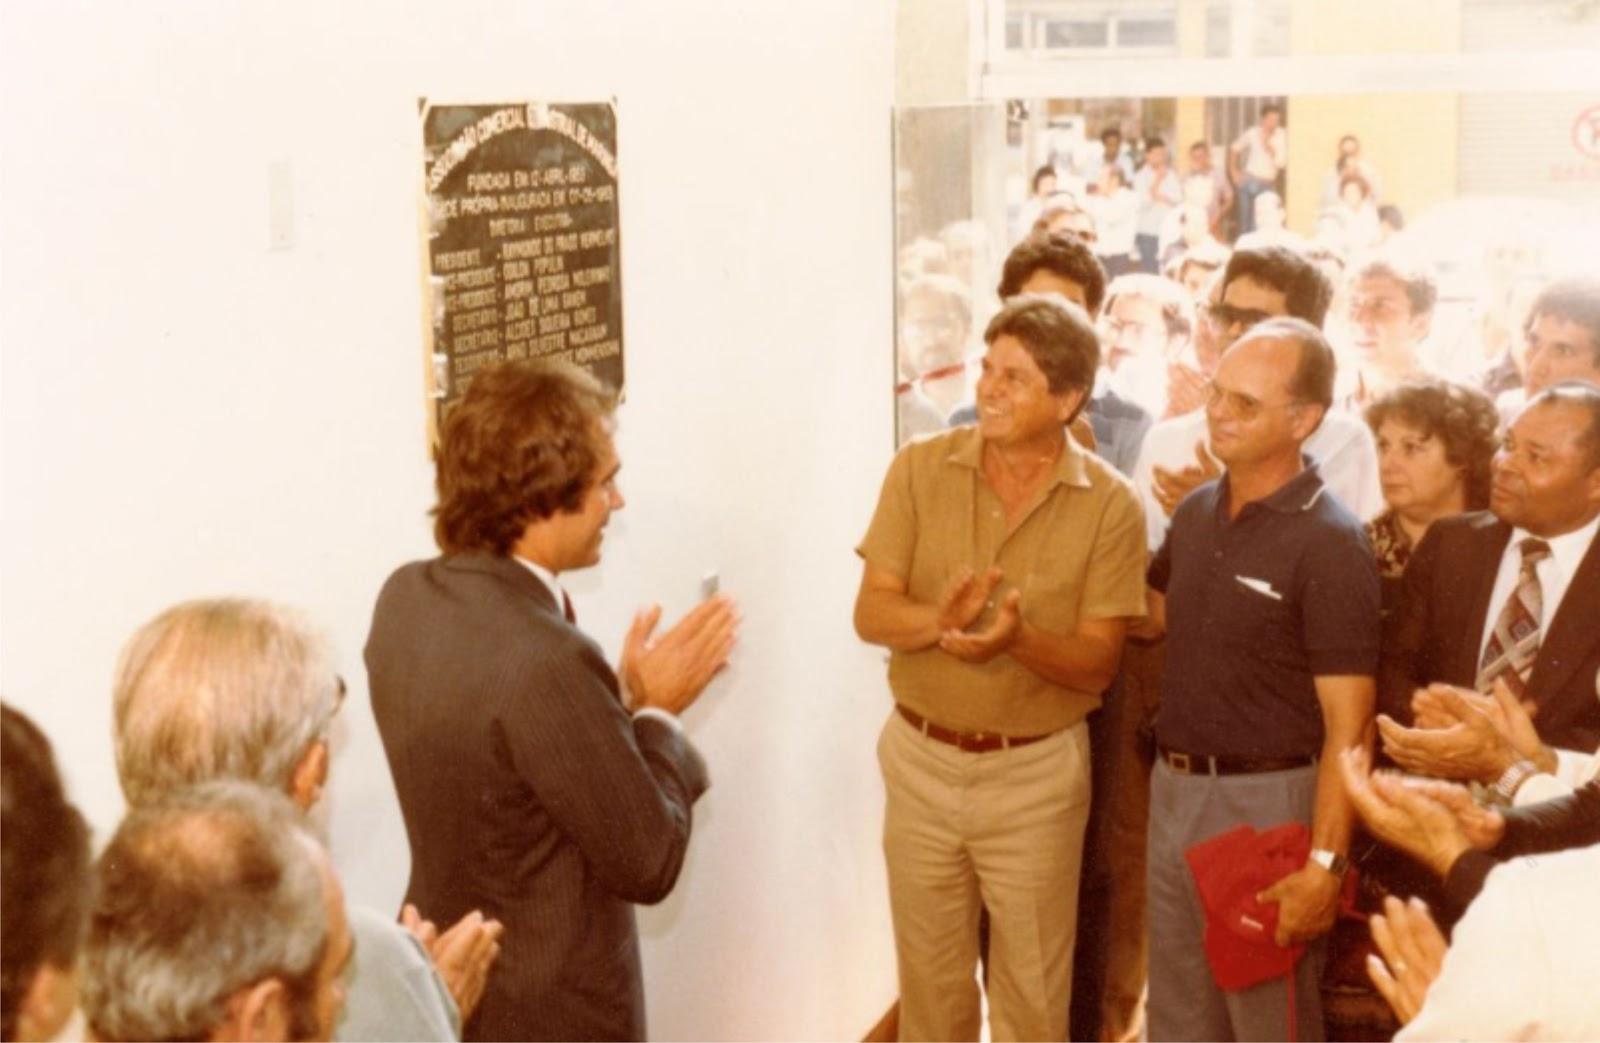 Inauguração da Sede da ACIM - 1983 (2ª postagem)